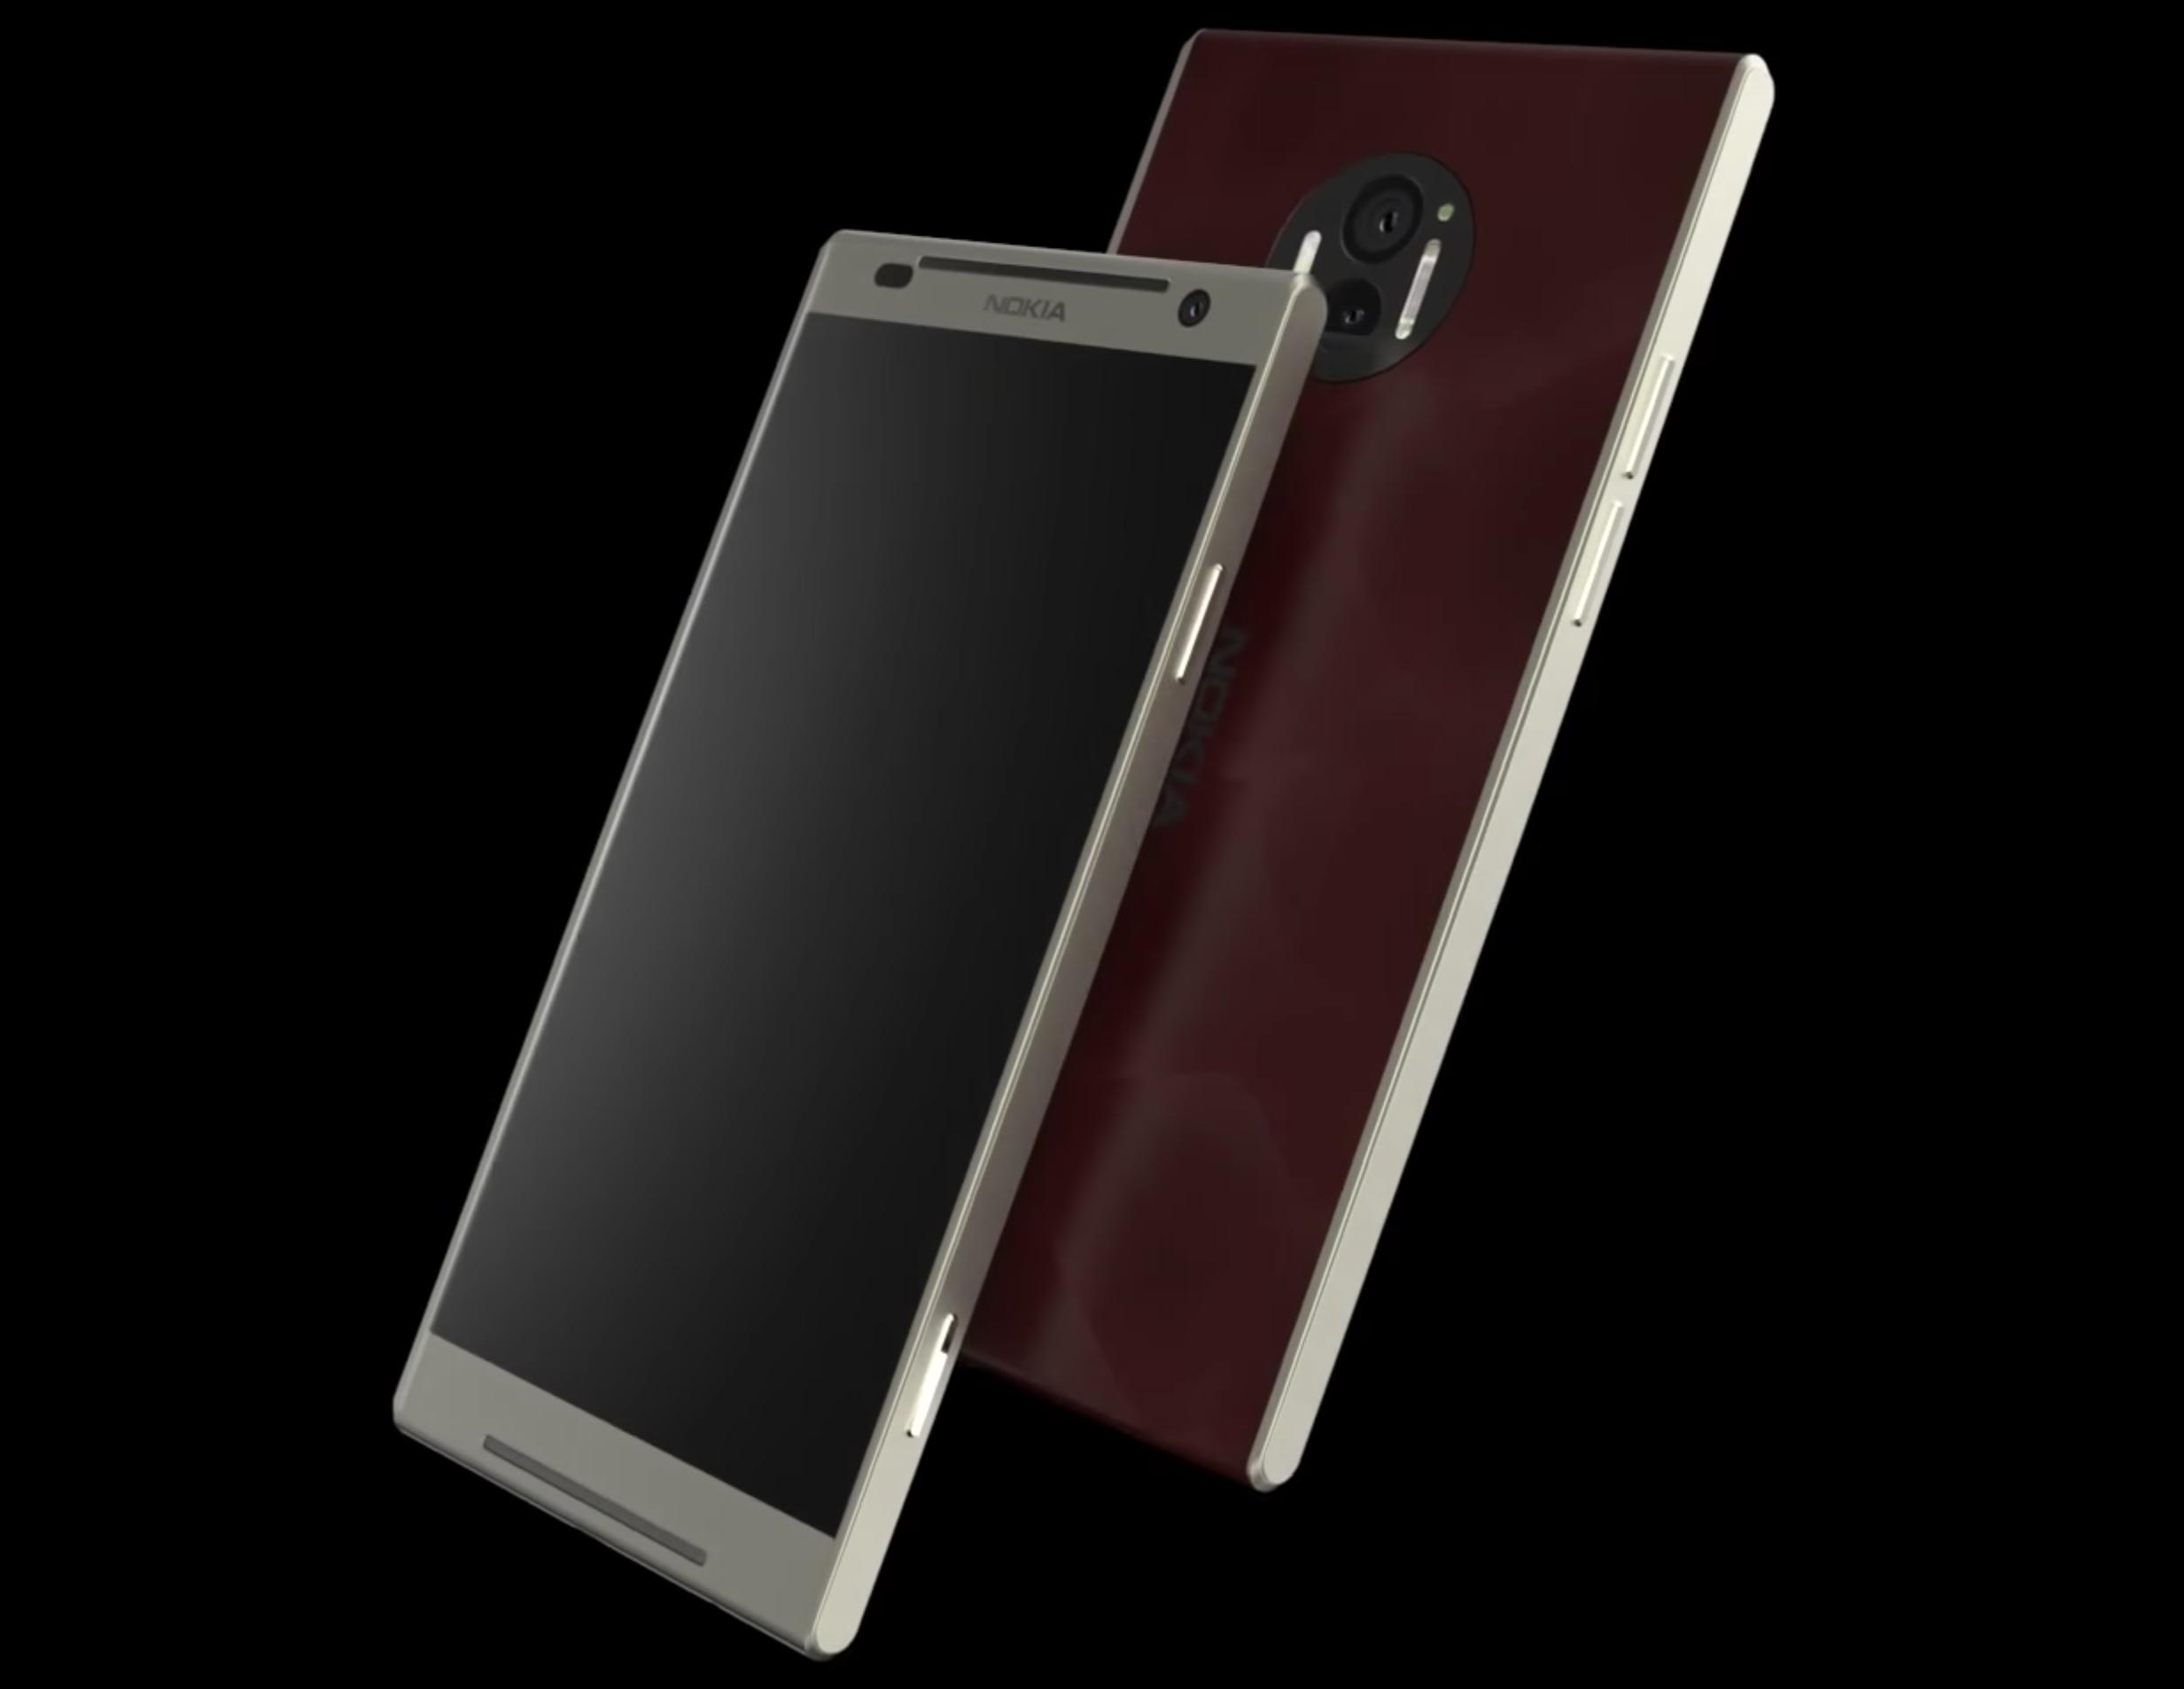 Nokia C1 : de fausses images et caractéristiques circulent sur le web